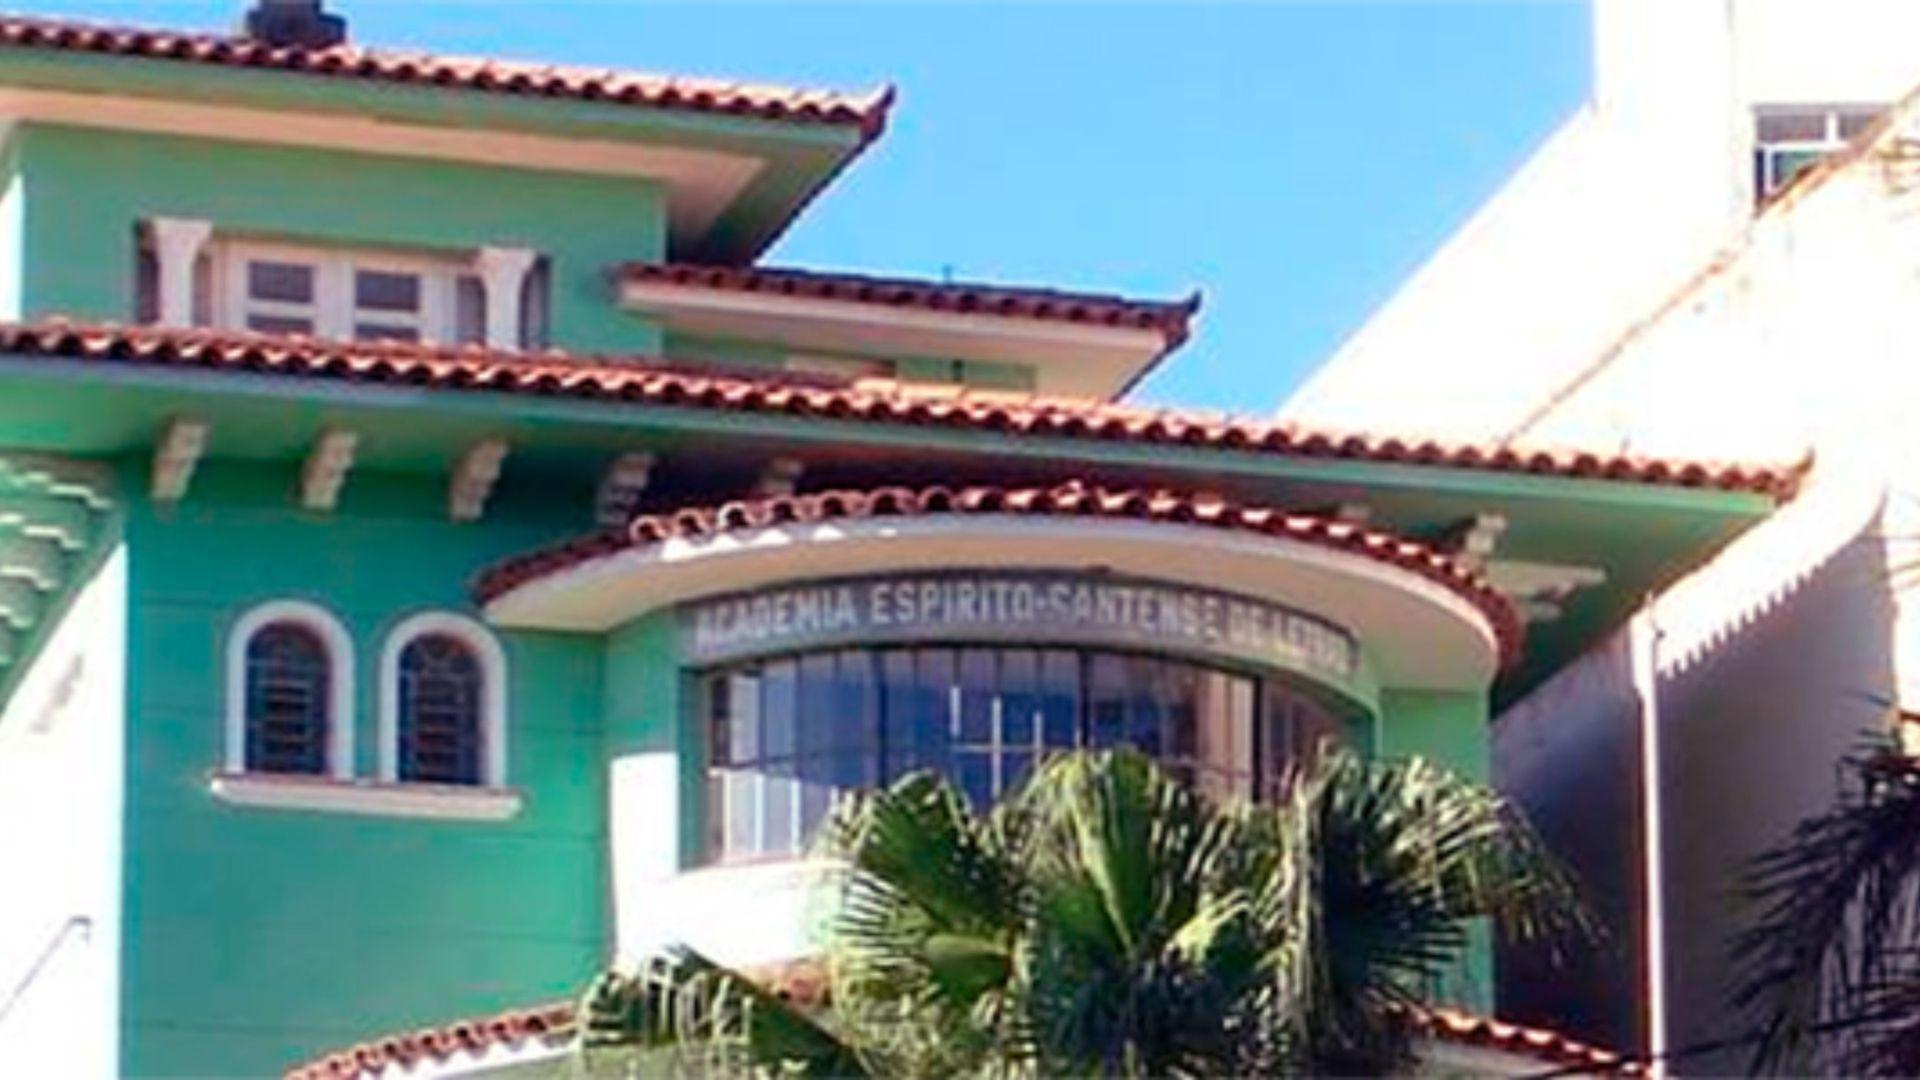 Sede da Academia Espírito-santense de Letras, no Centro de Vitória:a aquisição da sede definitiva ocorreu em 1975